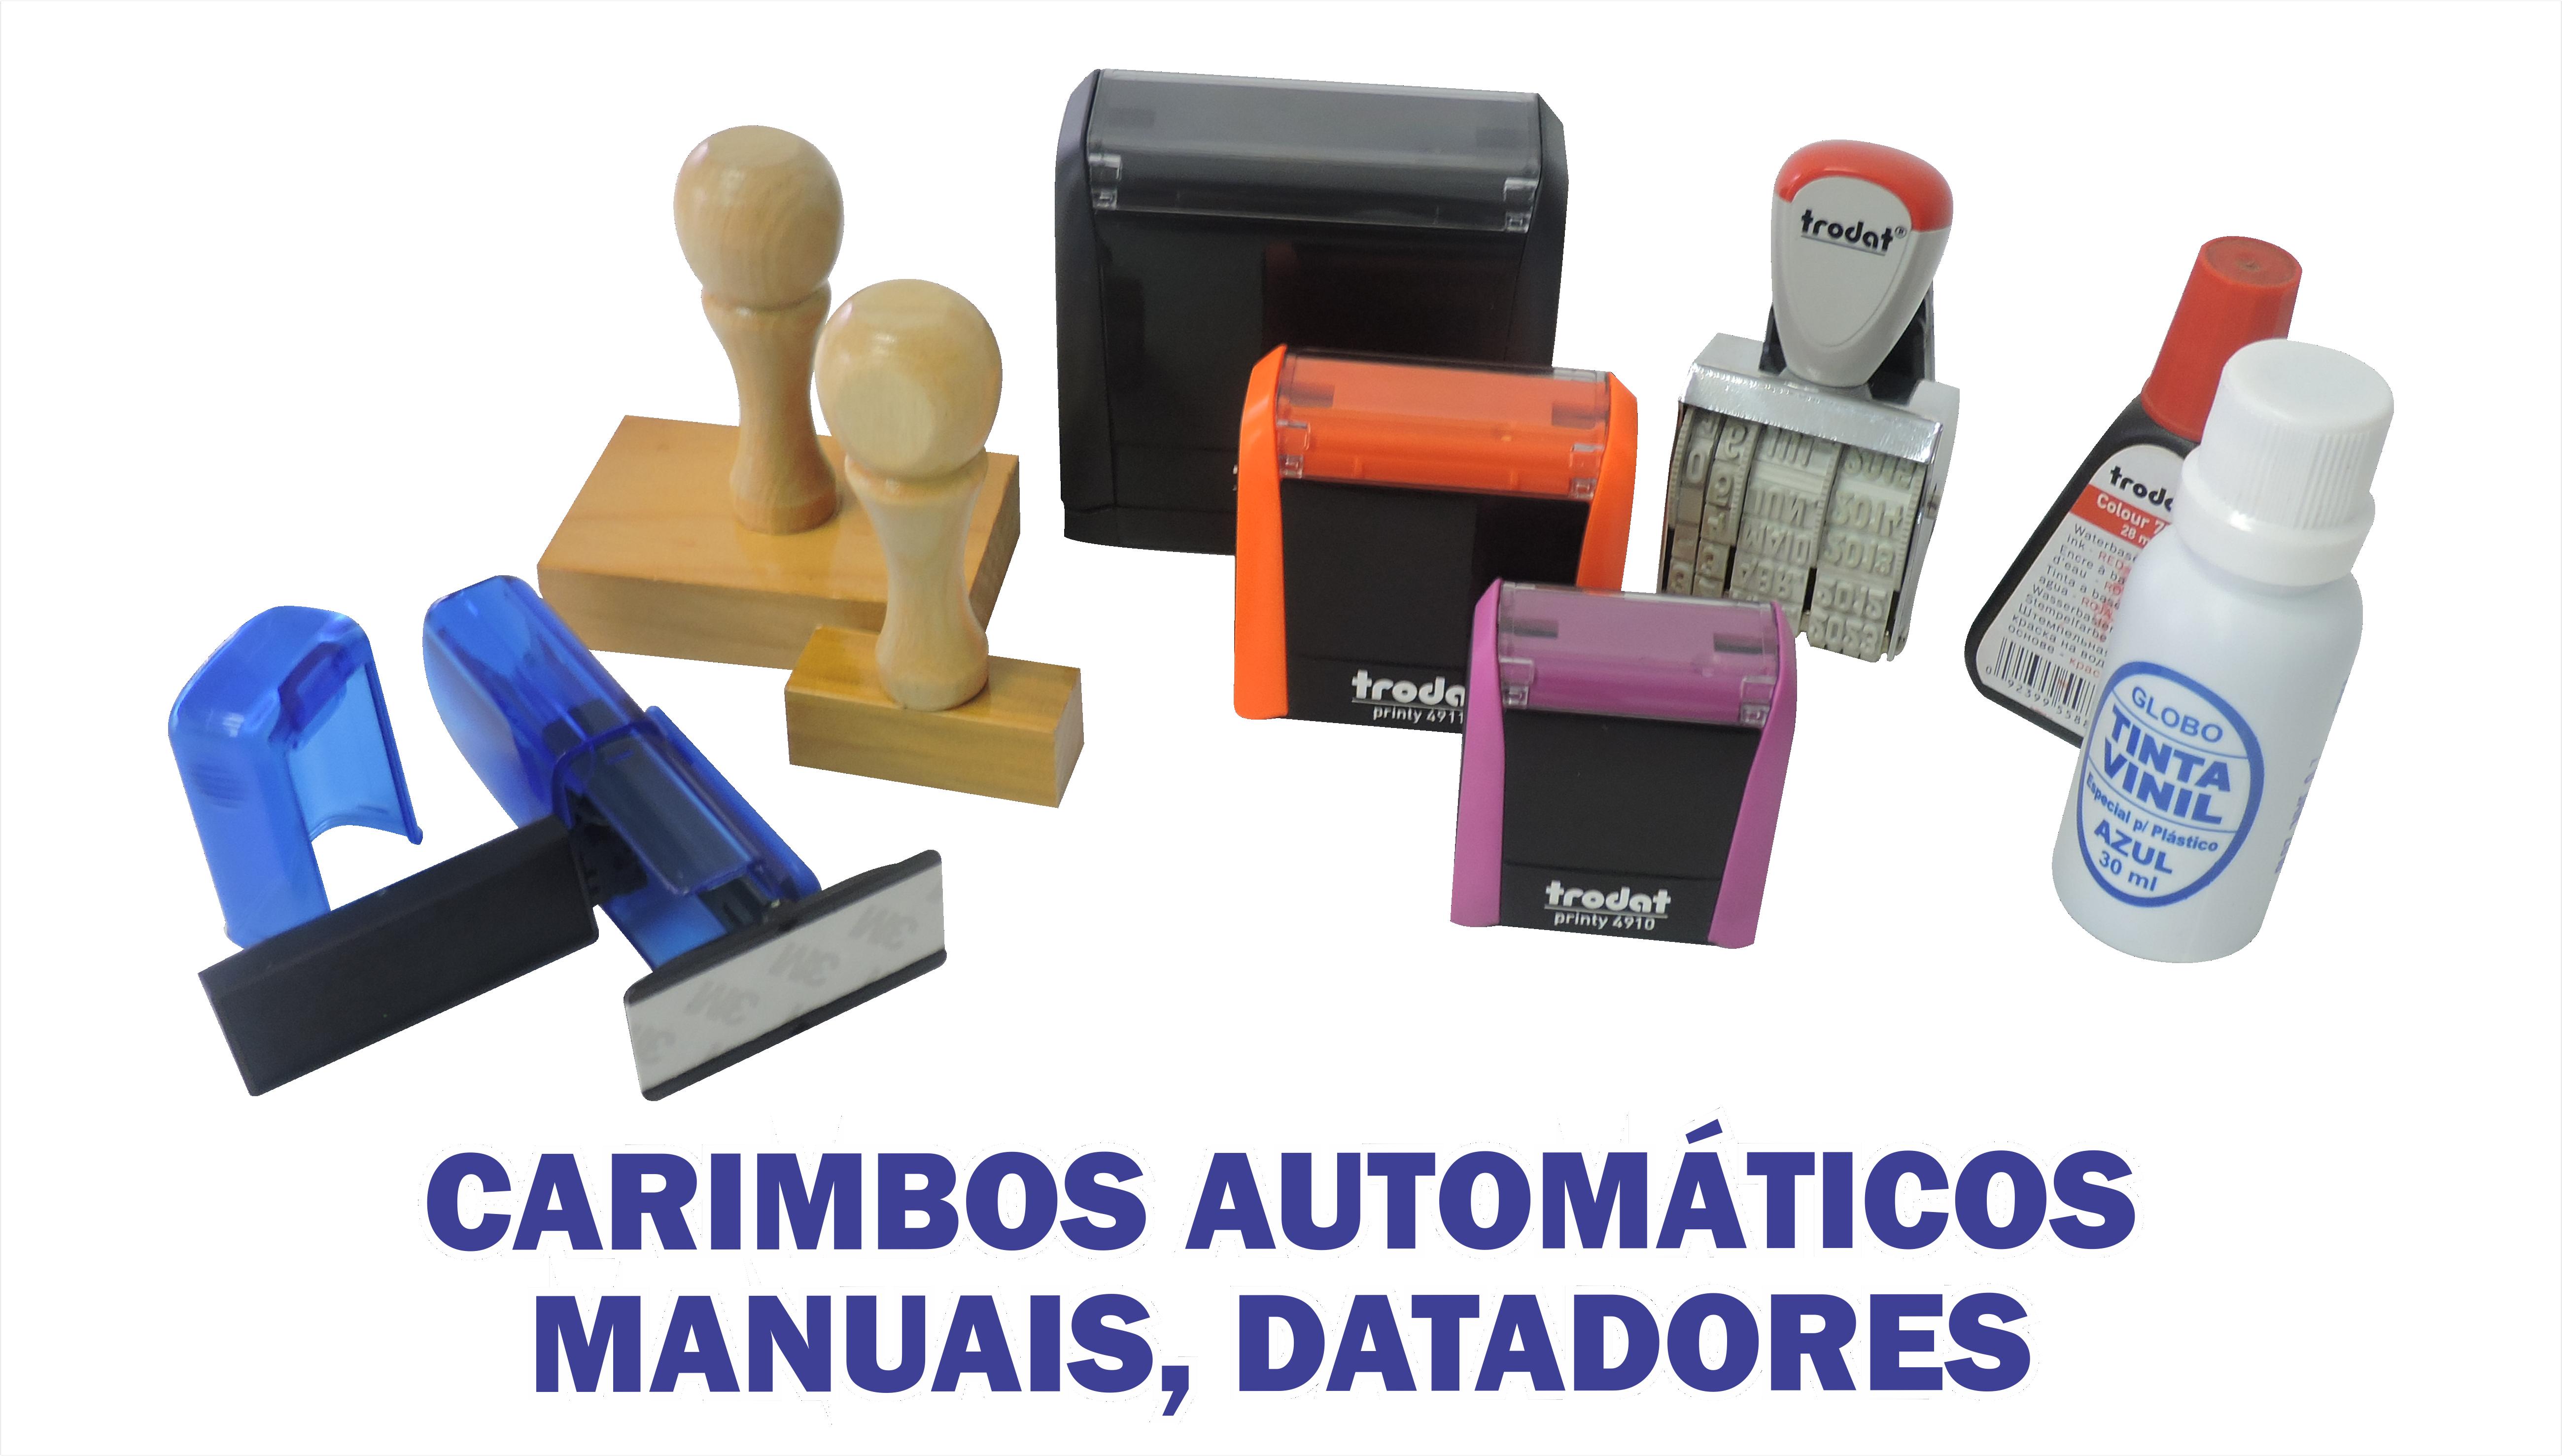 CARIMBOS-AUTOMATICOS-MANUAIS-DATADORES